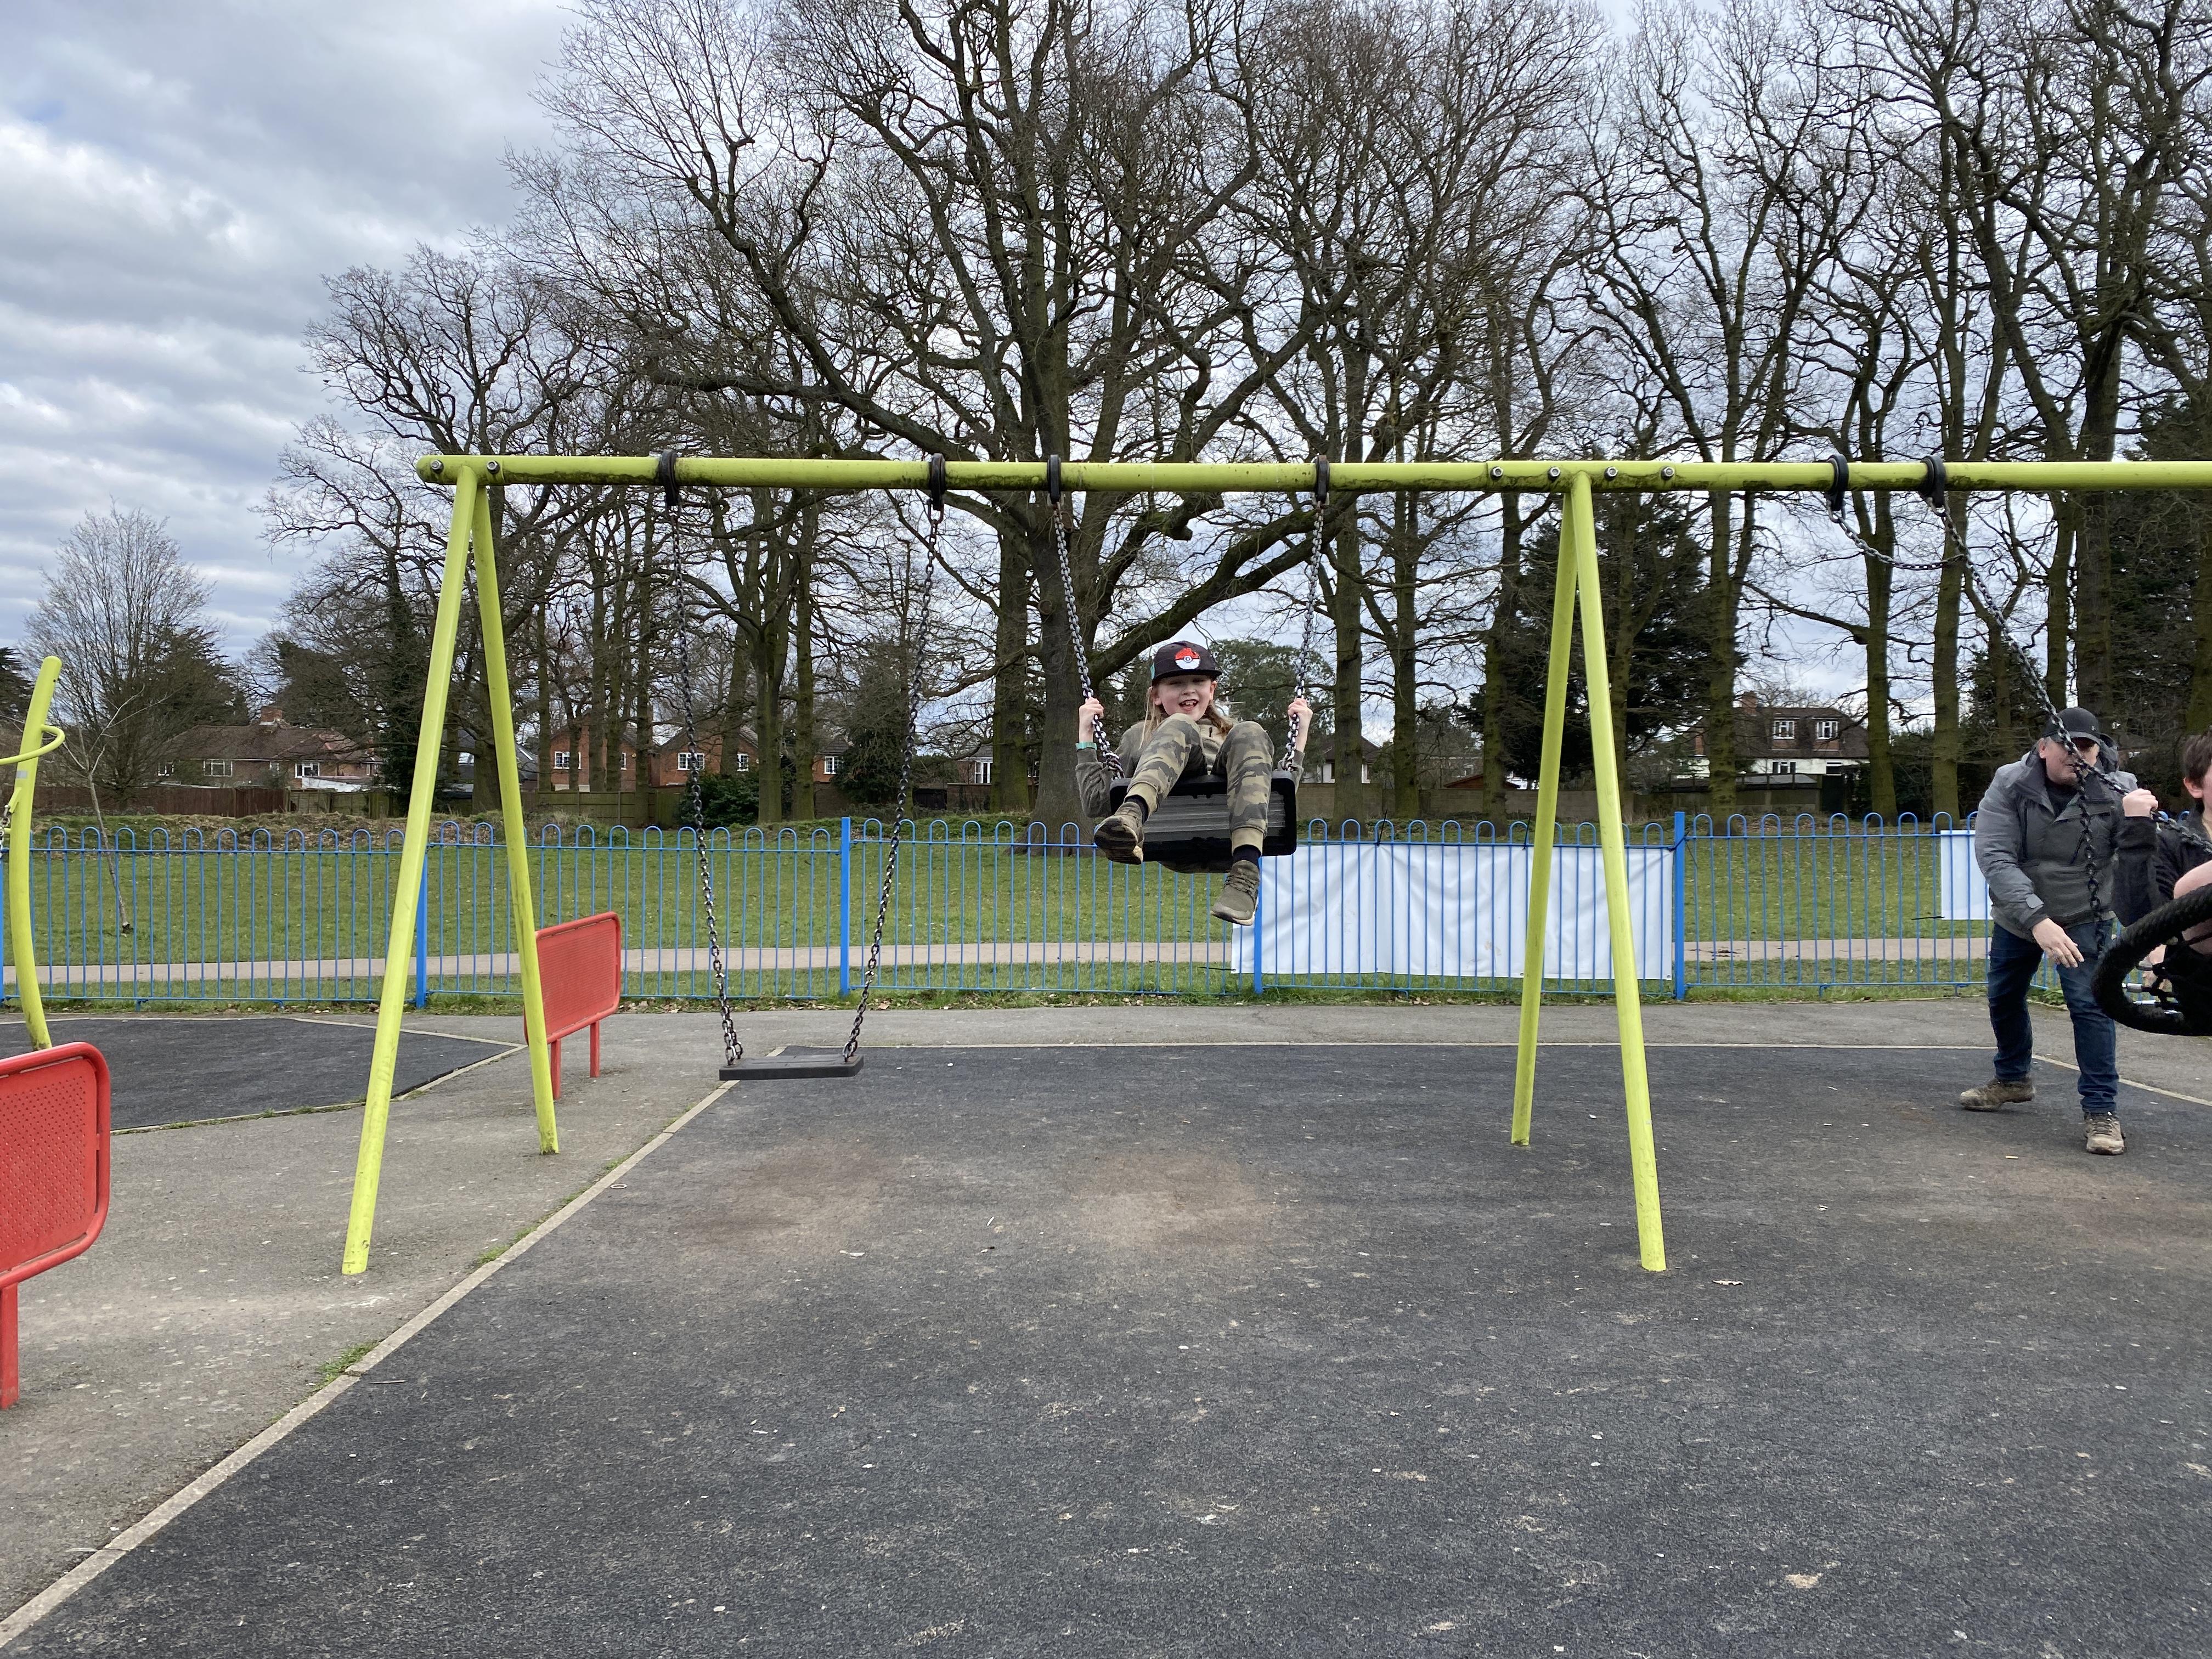 Hillingdon Court Park